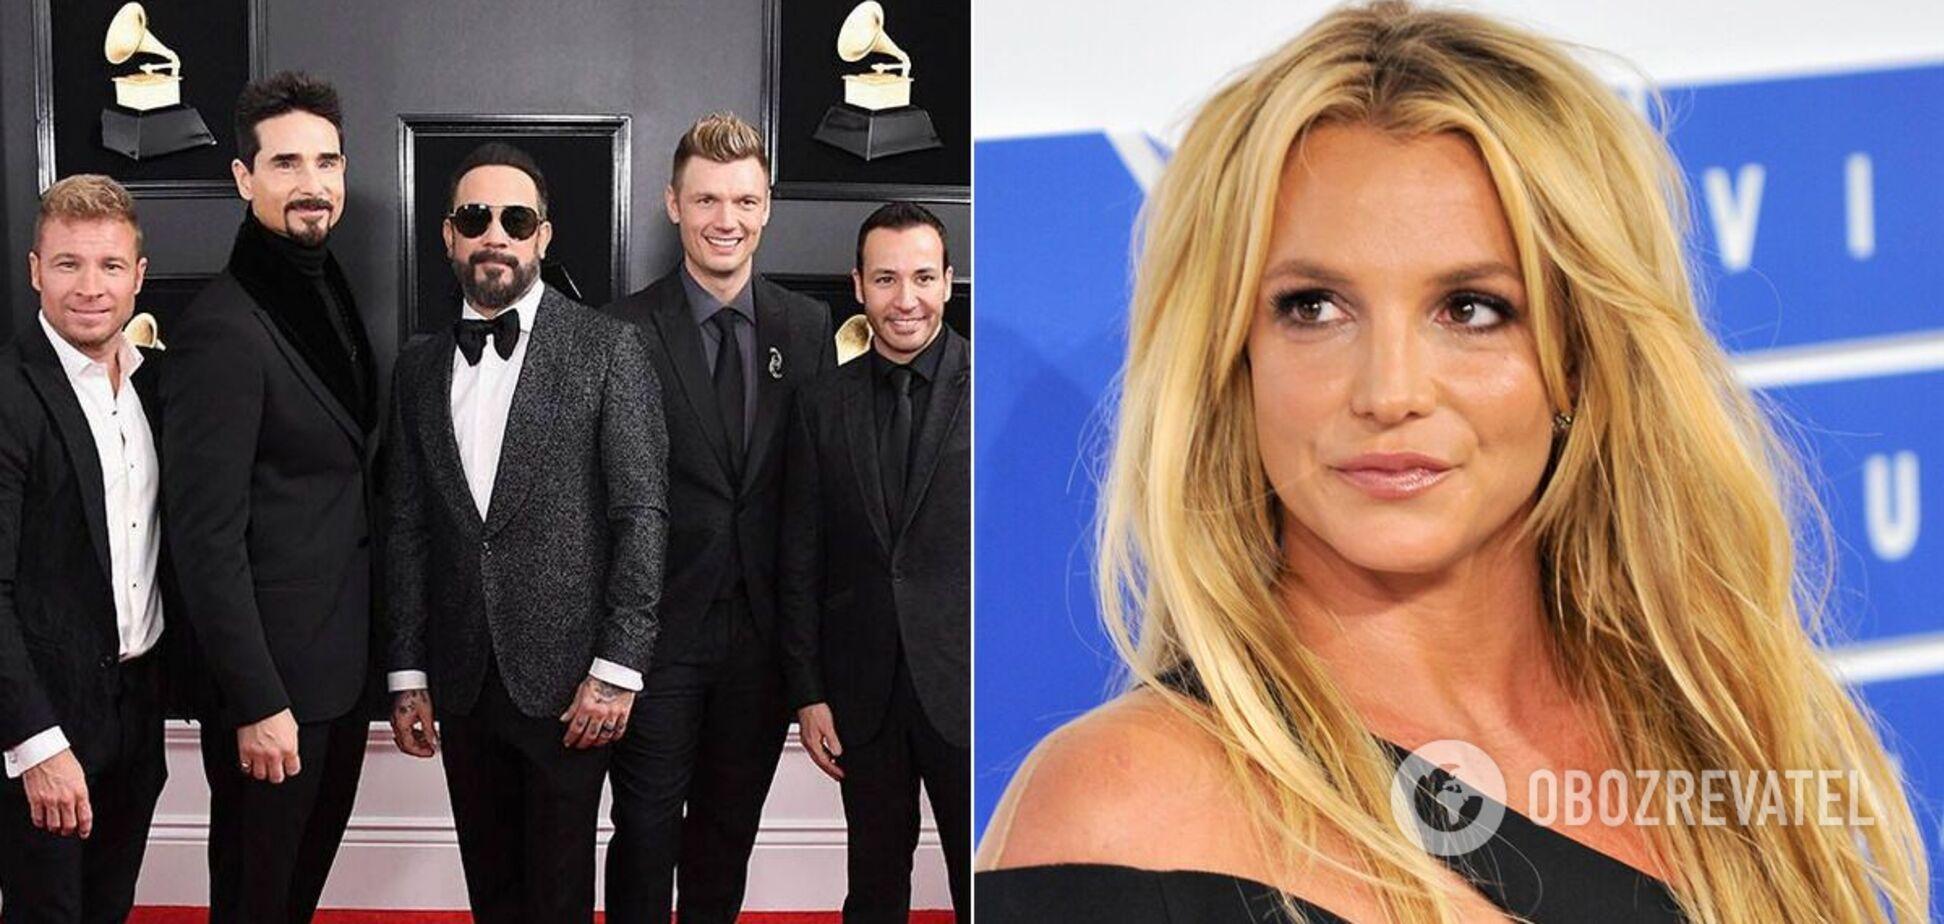 Бритни Спирс выпустила песню с легендарными Backstreet Boys